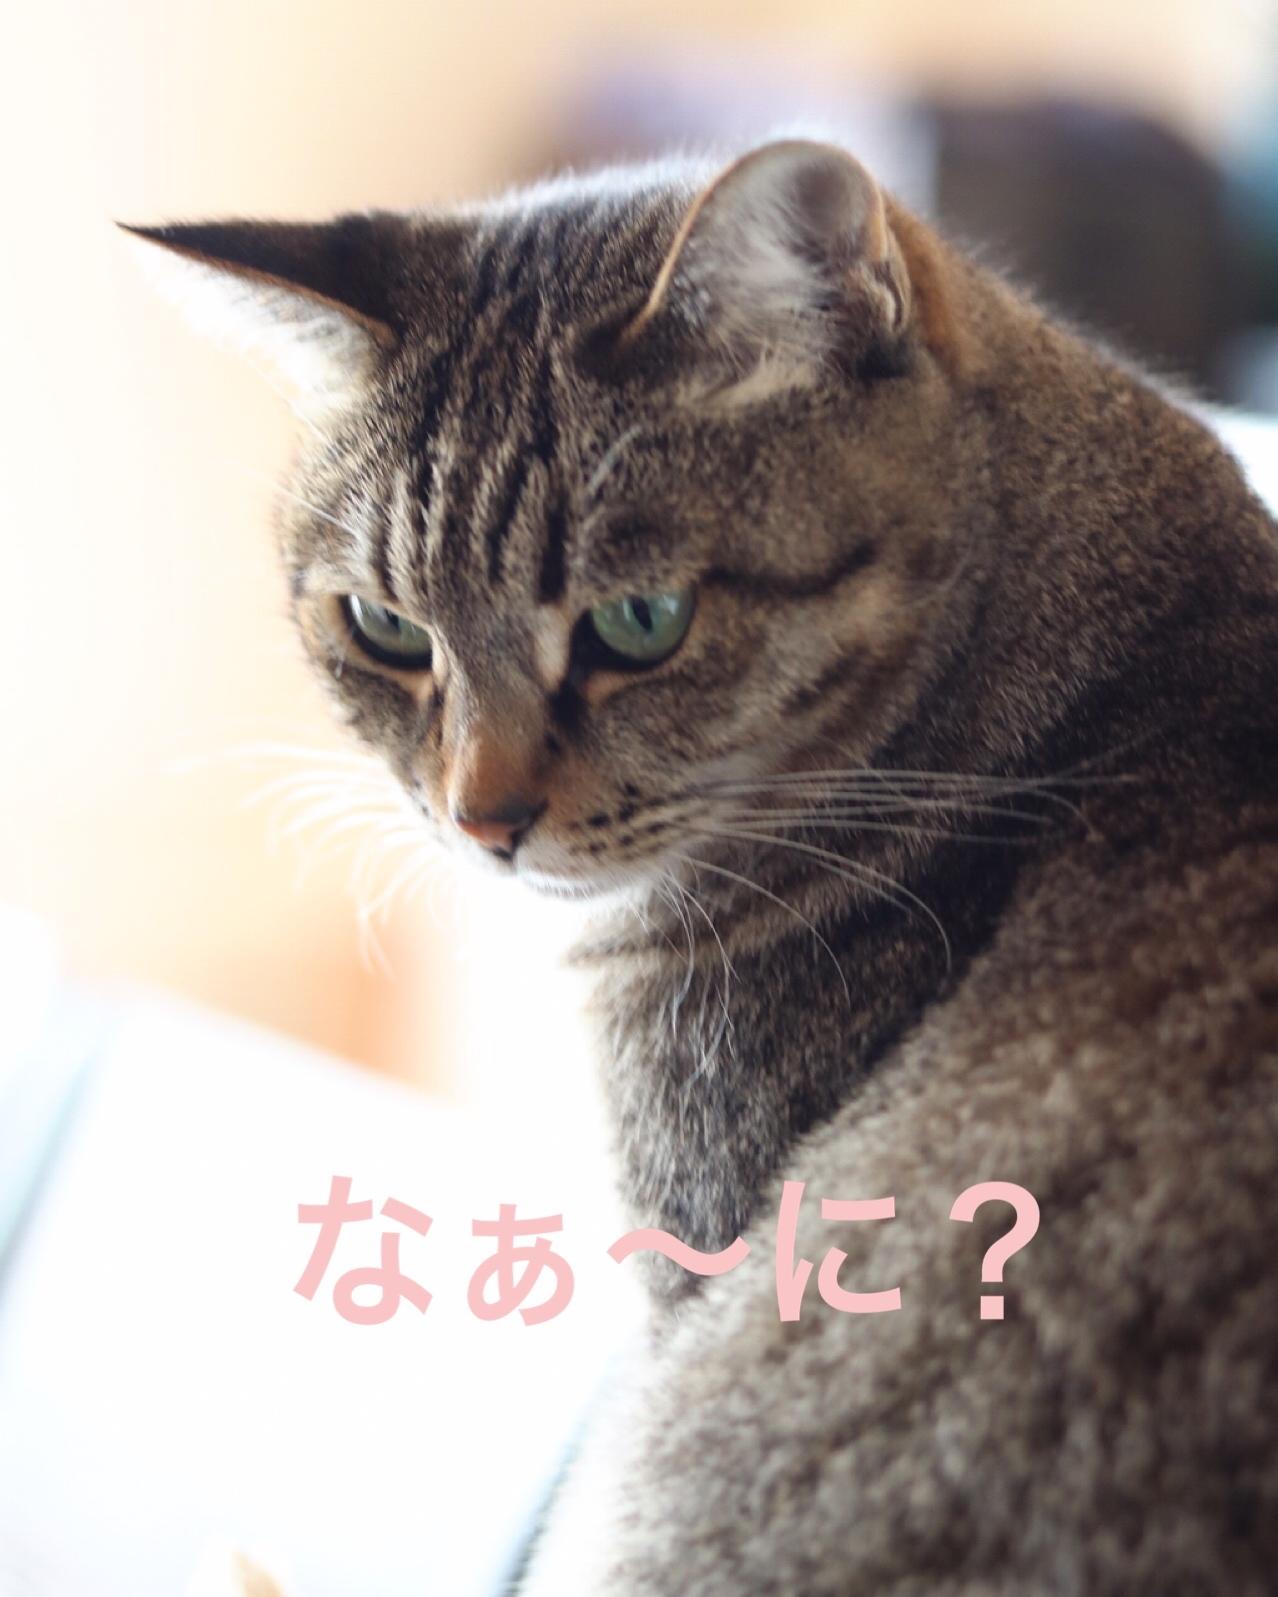 にゃんこ劇場「猫耳東風!」_c0366722_12225260.jpeg